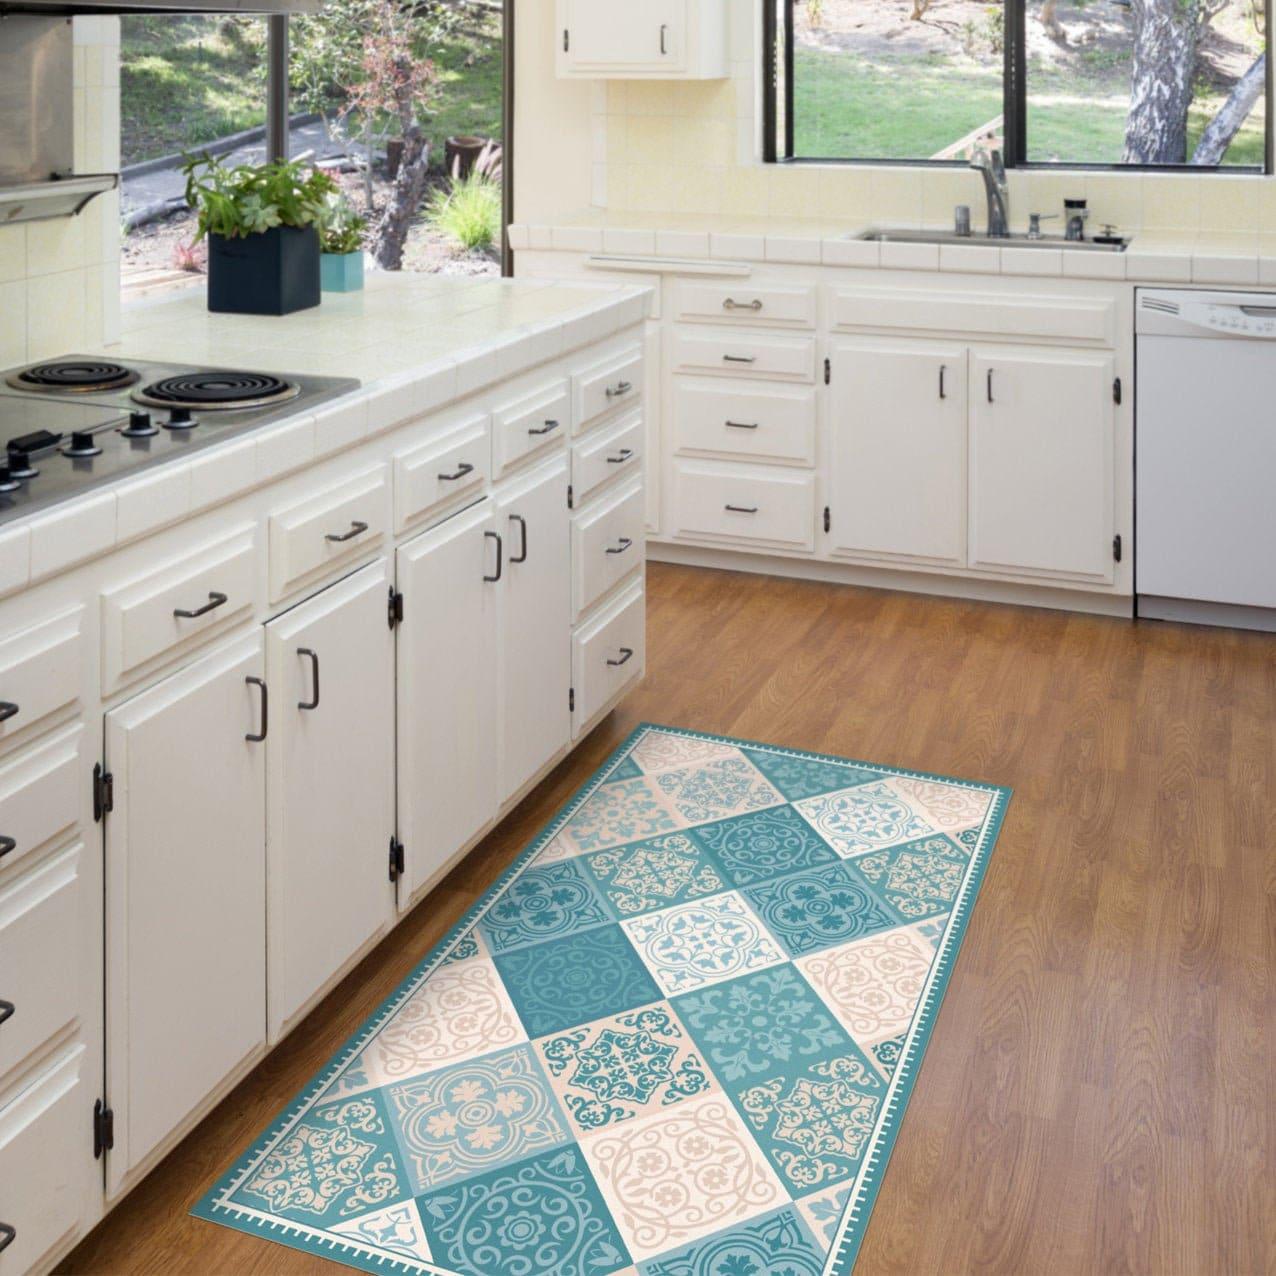 Turquoise vinyl kitchen mat. Vintage tiles design, vinyl floor mat in  turquoise and beige. Kitchen decor, kitchen rug, bath mat, door mat.